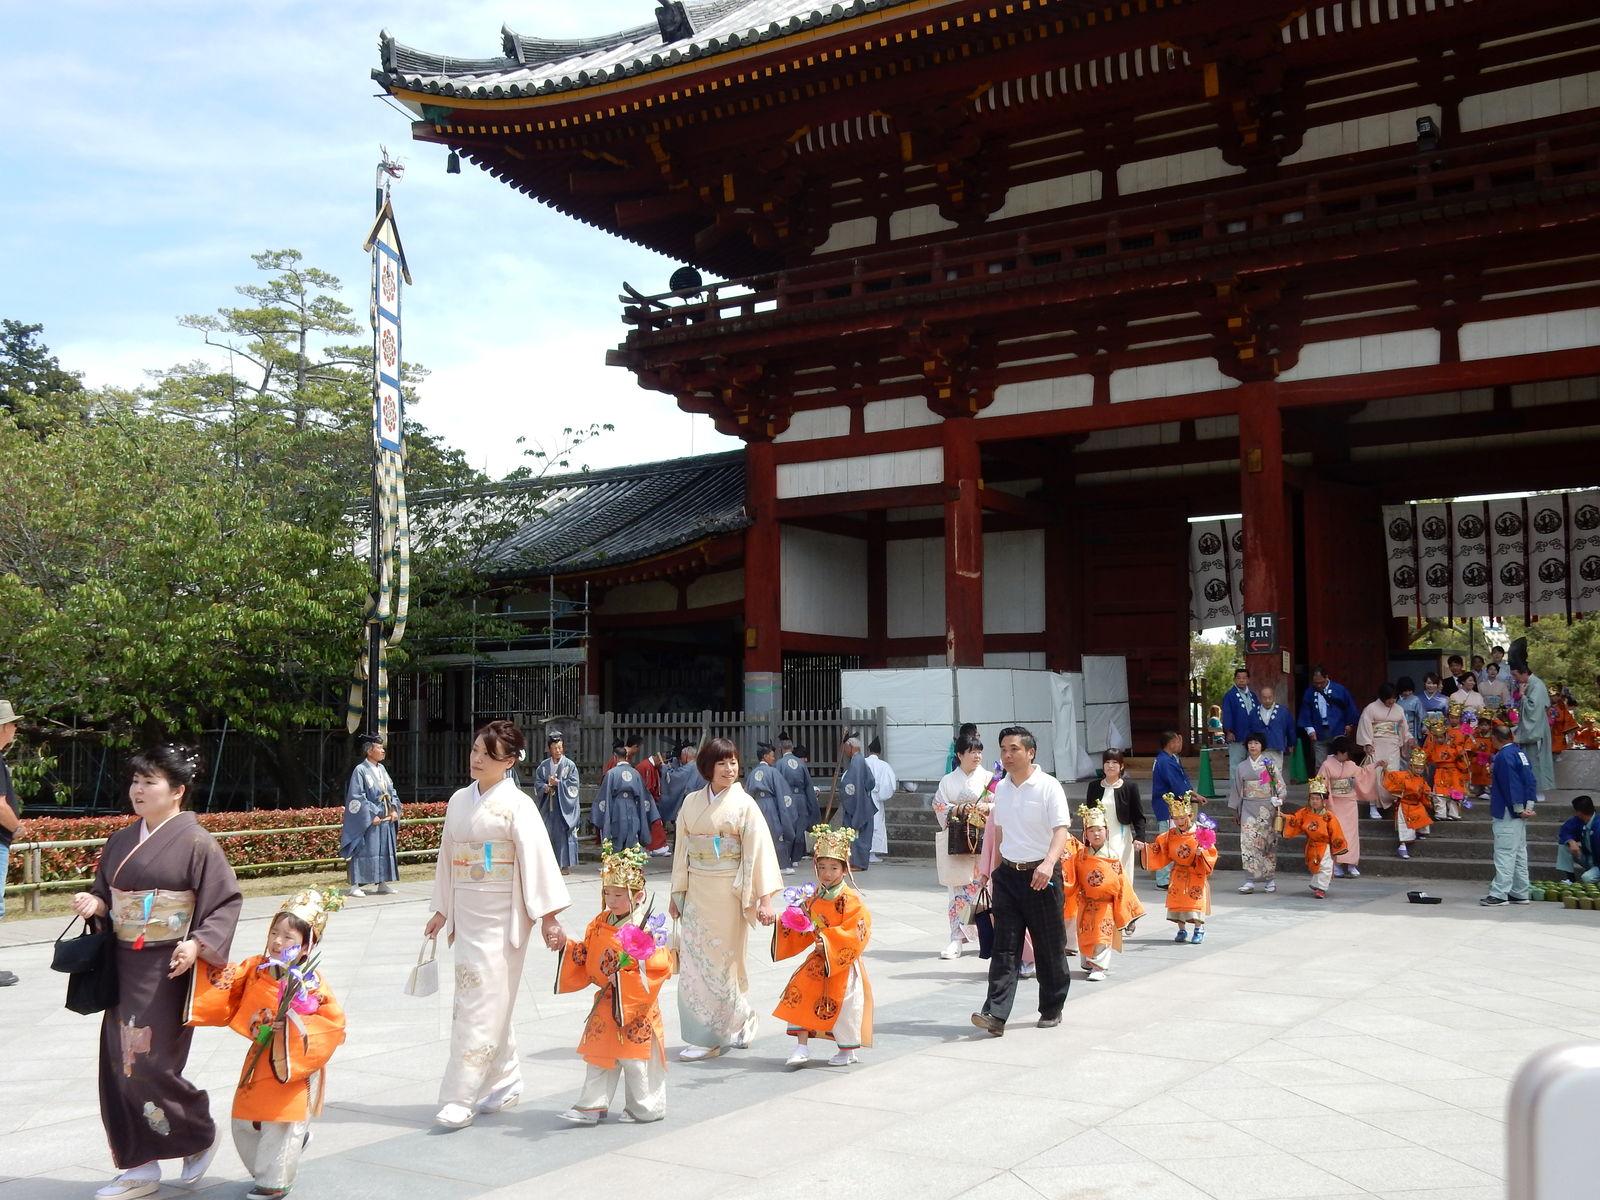 アフター古希親父の霊場巡り : 奈良